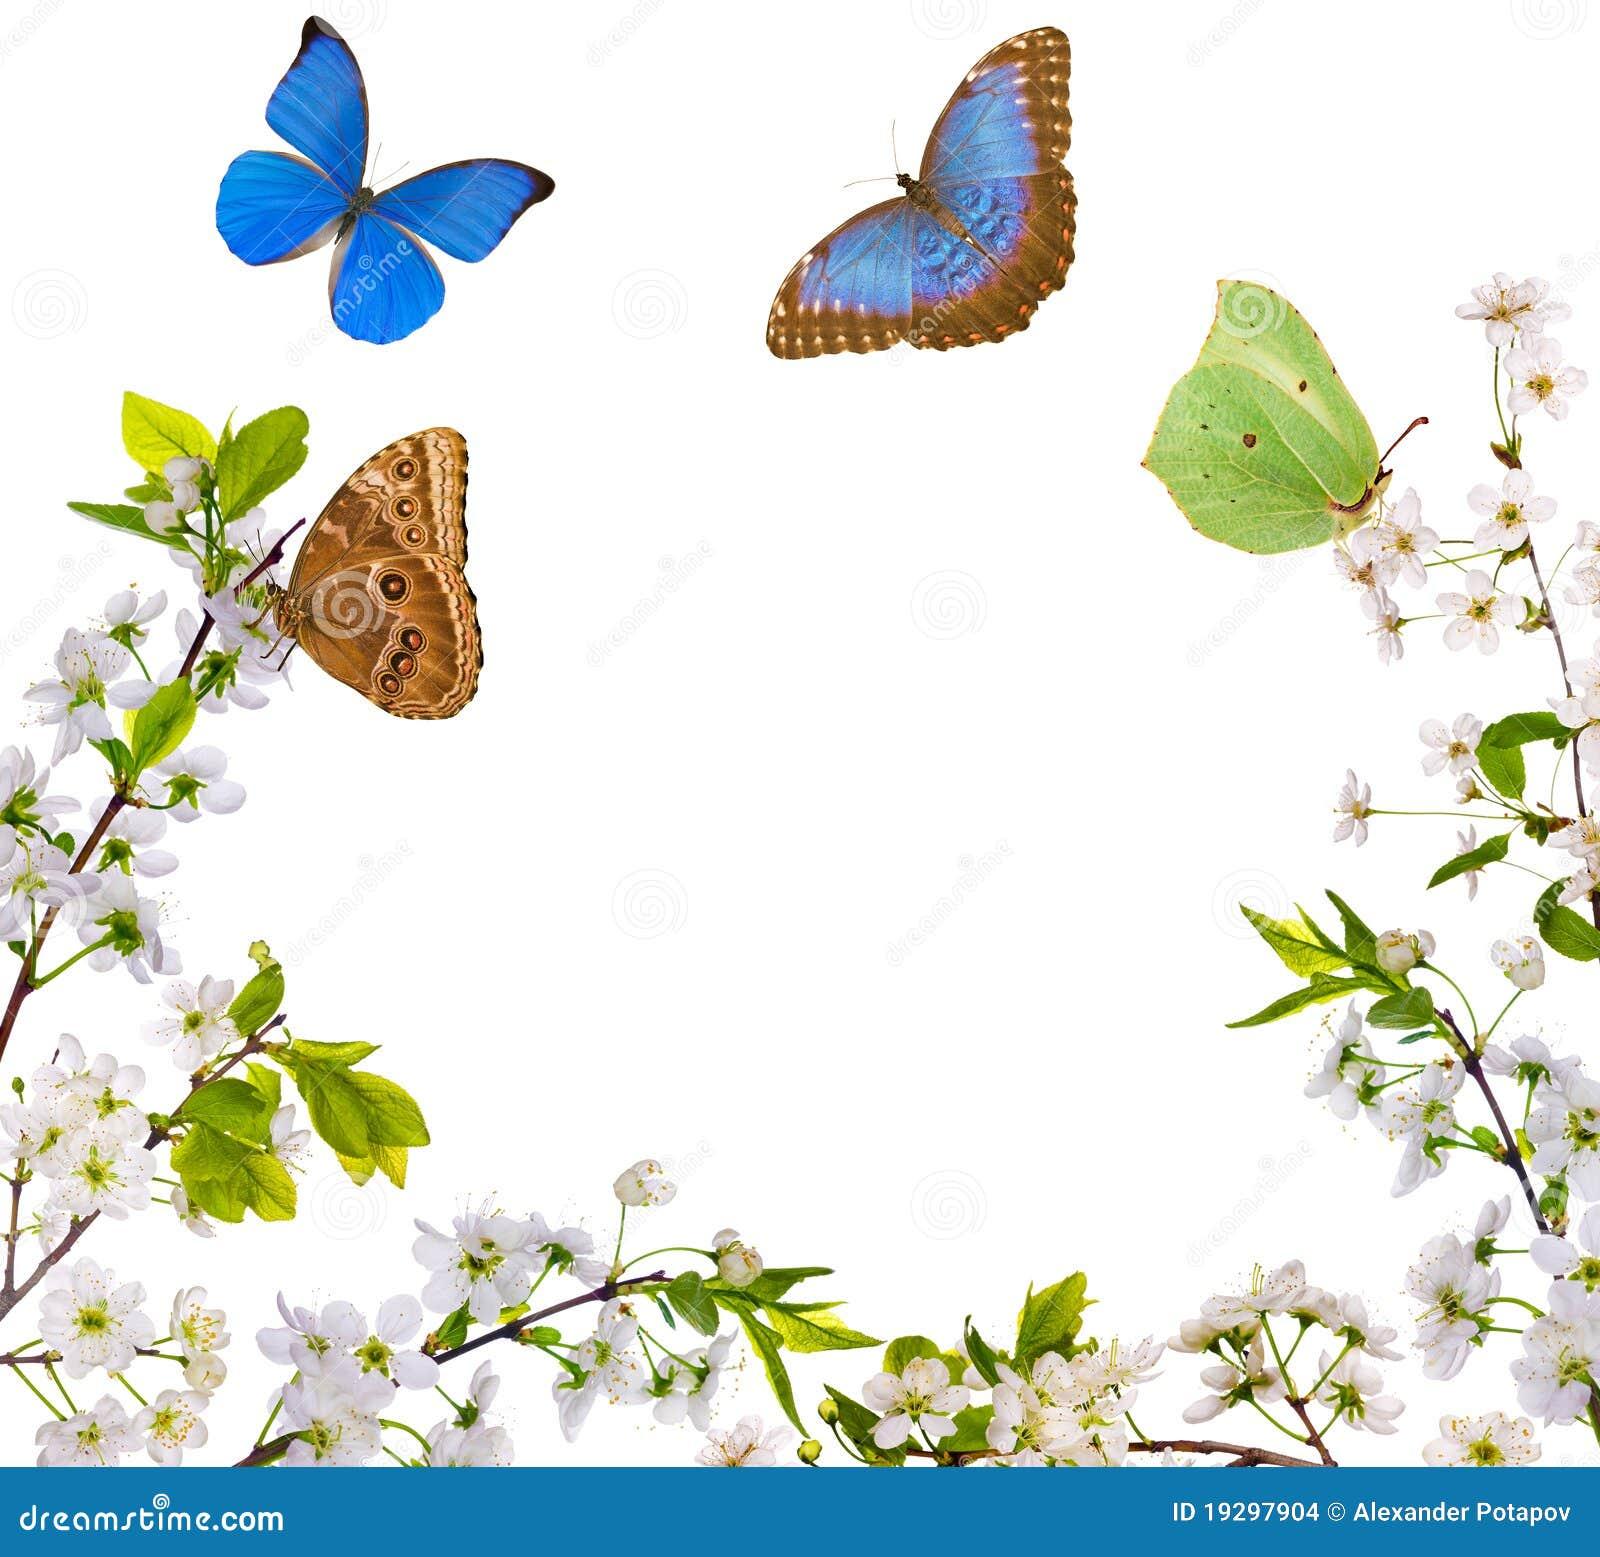 Imagenes de archivo: Medio marco y mariposas de las flores blancas